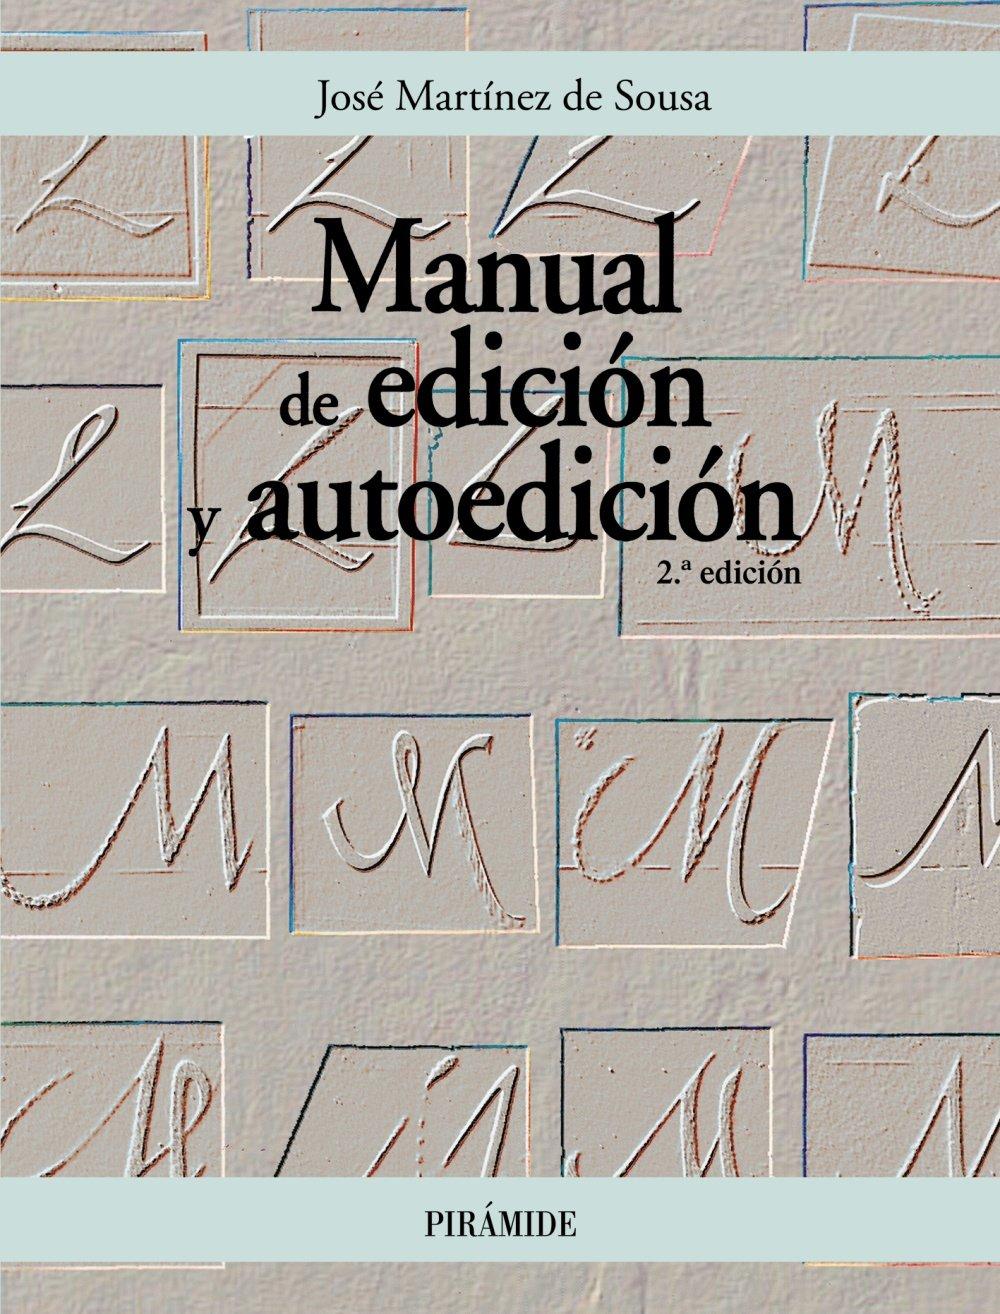 Manual de edición y autoedición (Ozalid) Tapa blanda – 27 jun 2005 José Martínez de Sousa Pirámide 8436819314 Editing & Proofreading